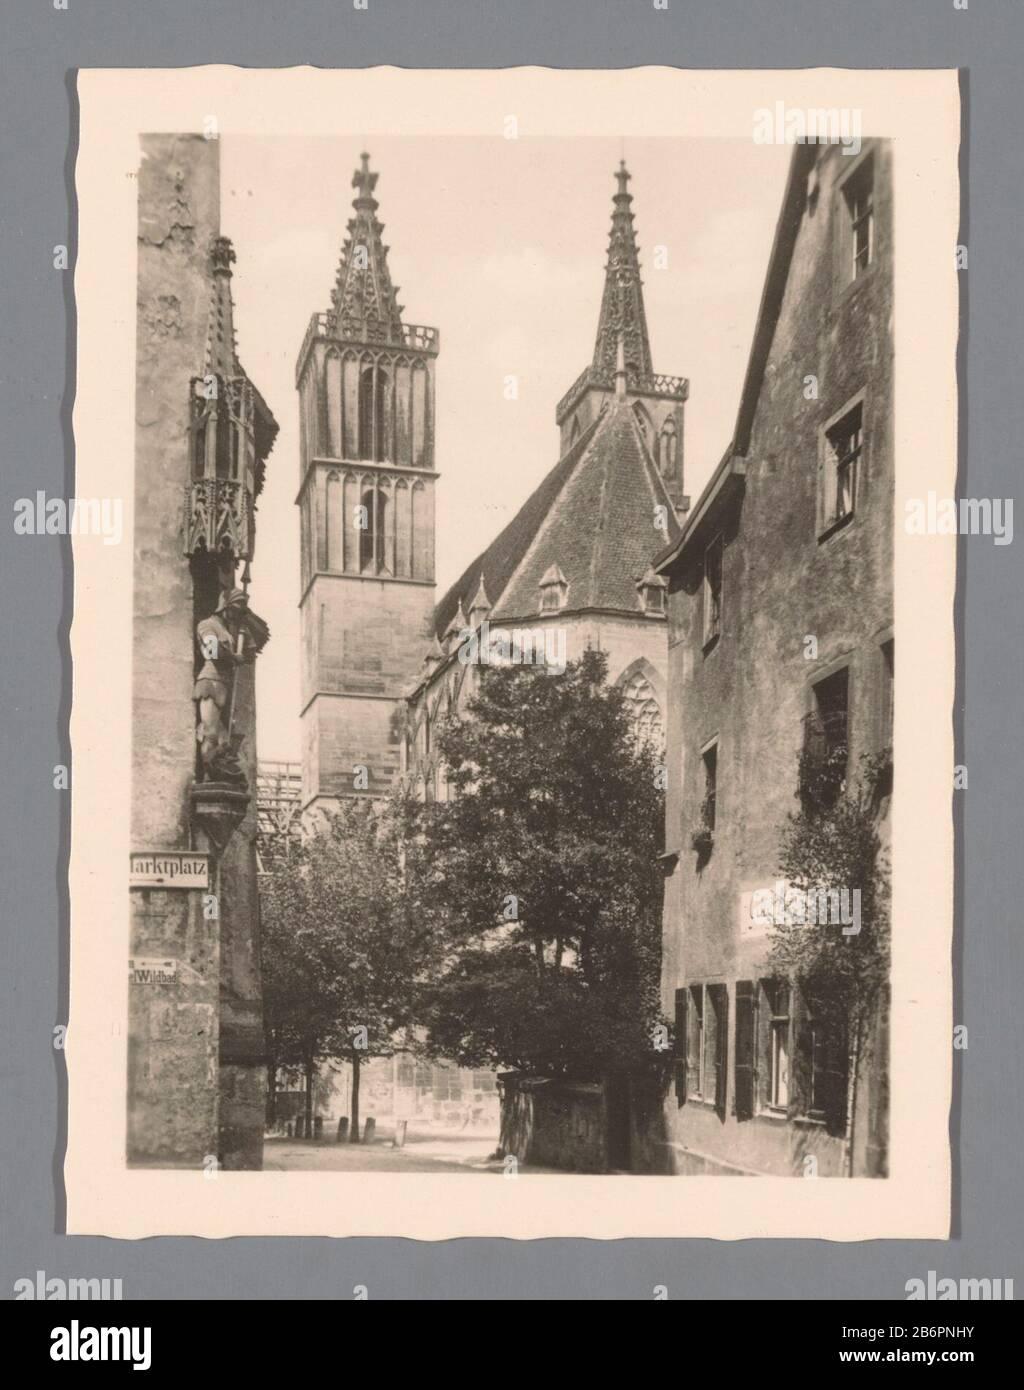 Frau Sucht Mann Biesenthal, suche flirt rothenburg